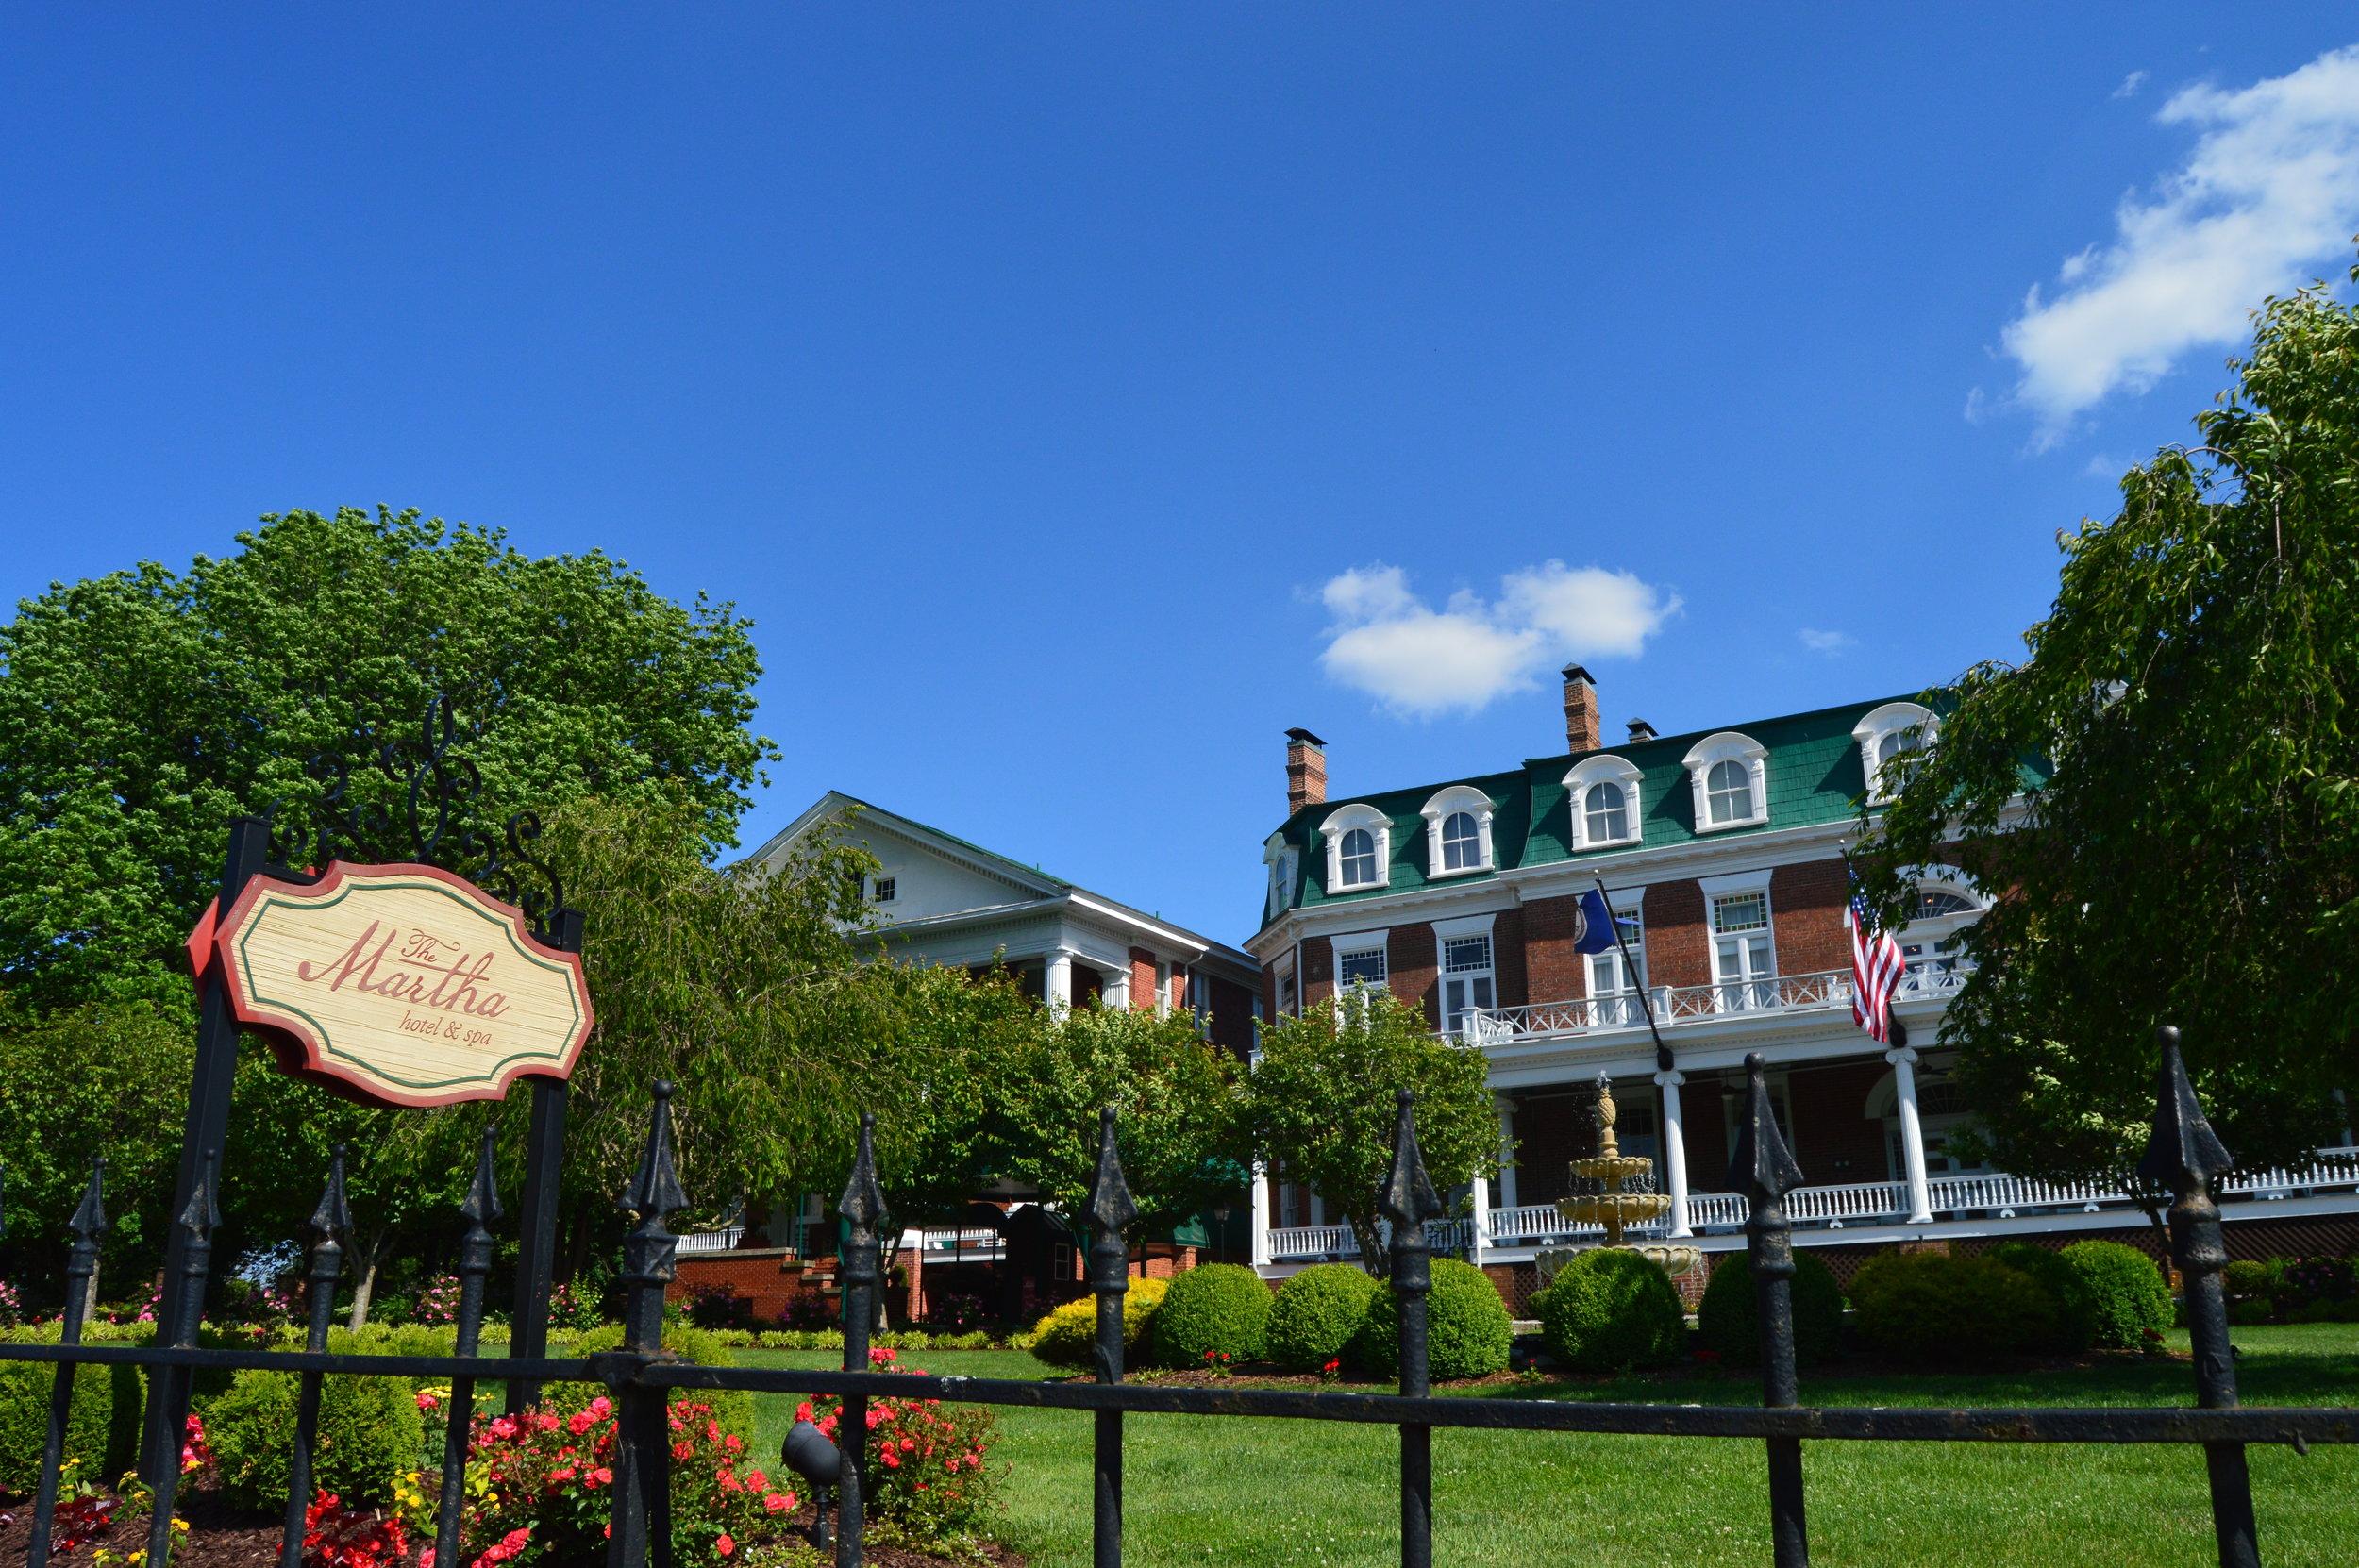 The Martha Washington Inn